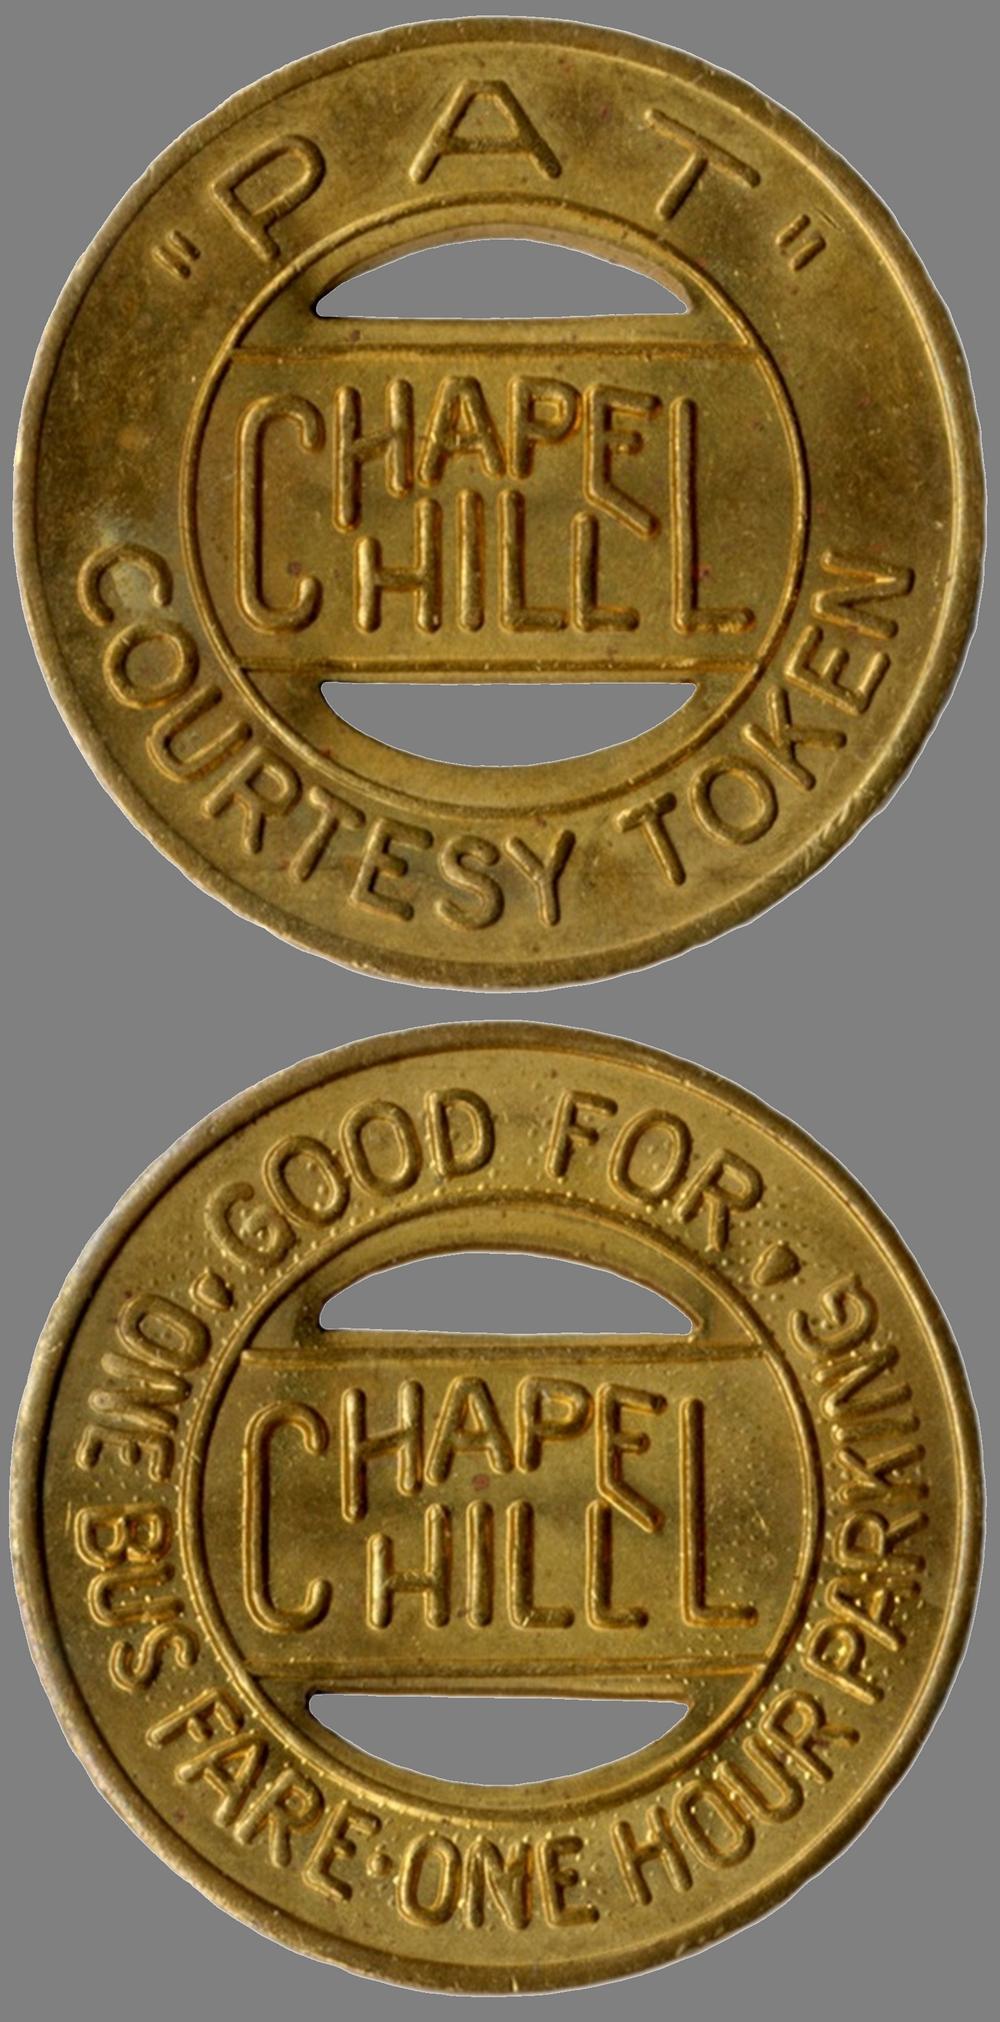 Chapel Hill, North Carolina transit  token ca 2000